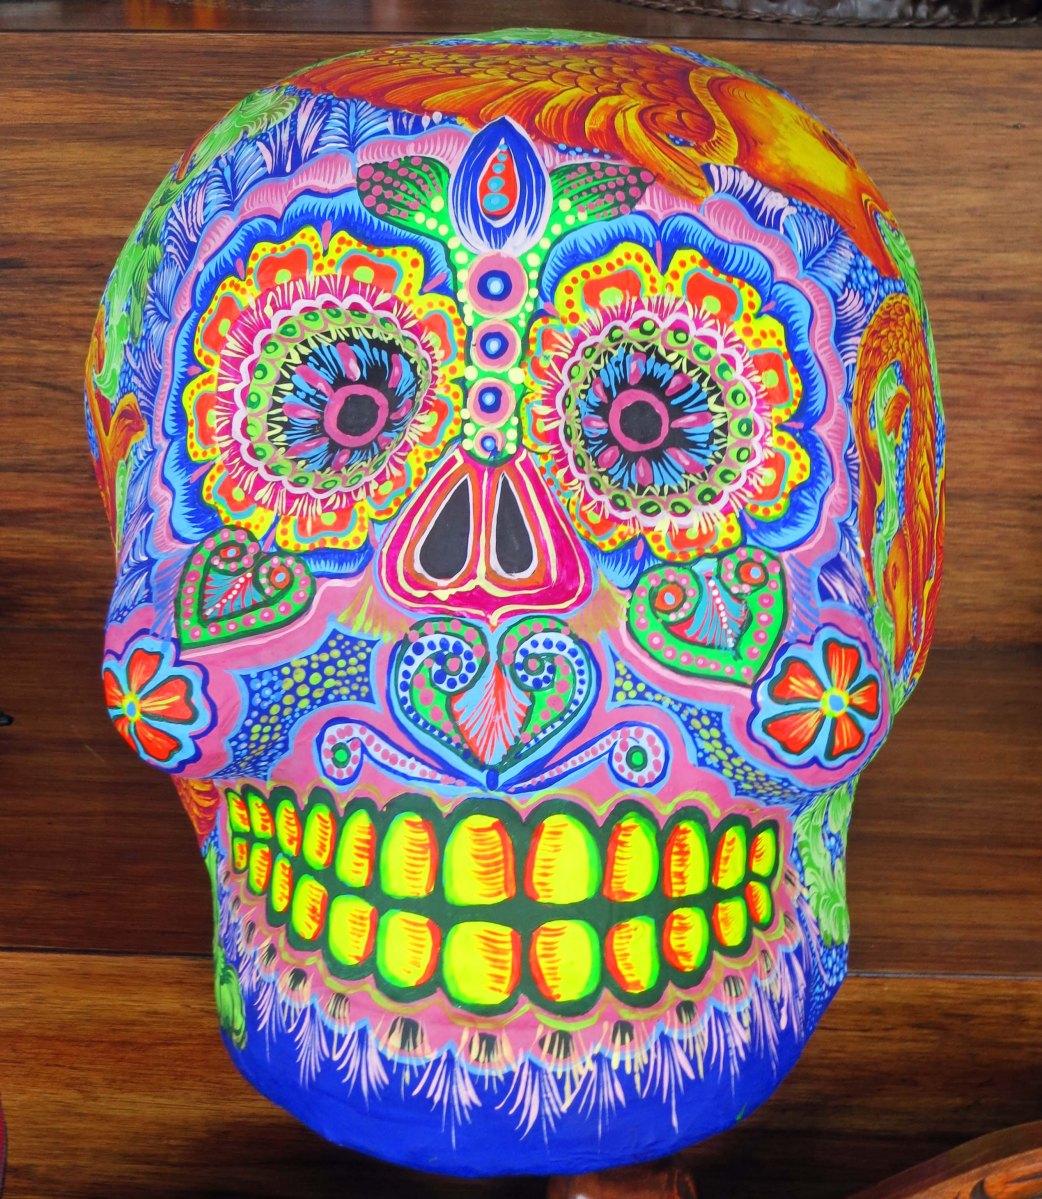 Skull art found in Puerto Vallarta.